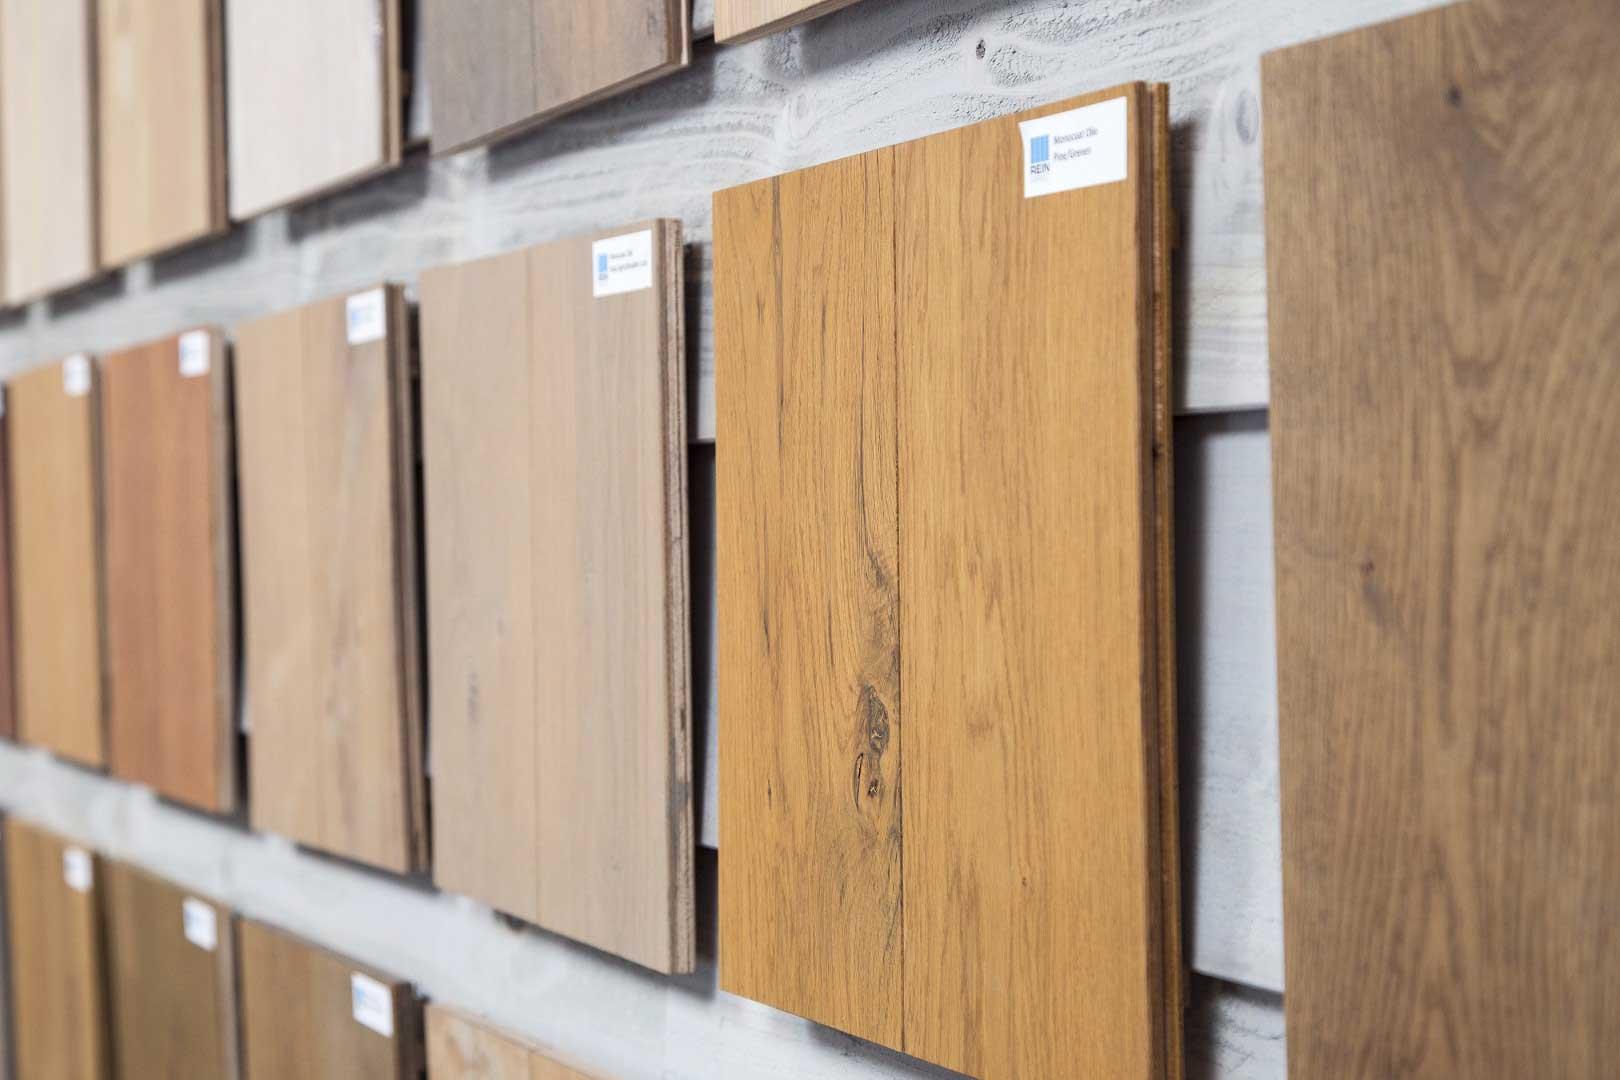 Kan een donkere houten vloer lichter gemaakt worden?